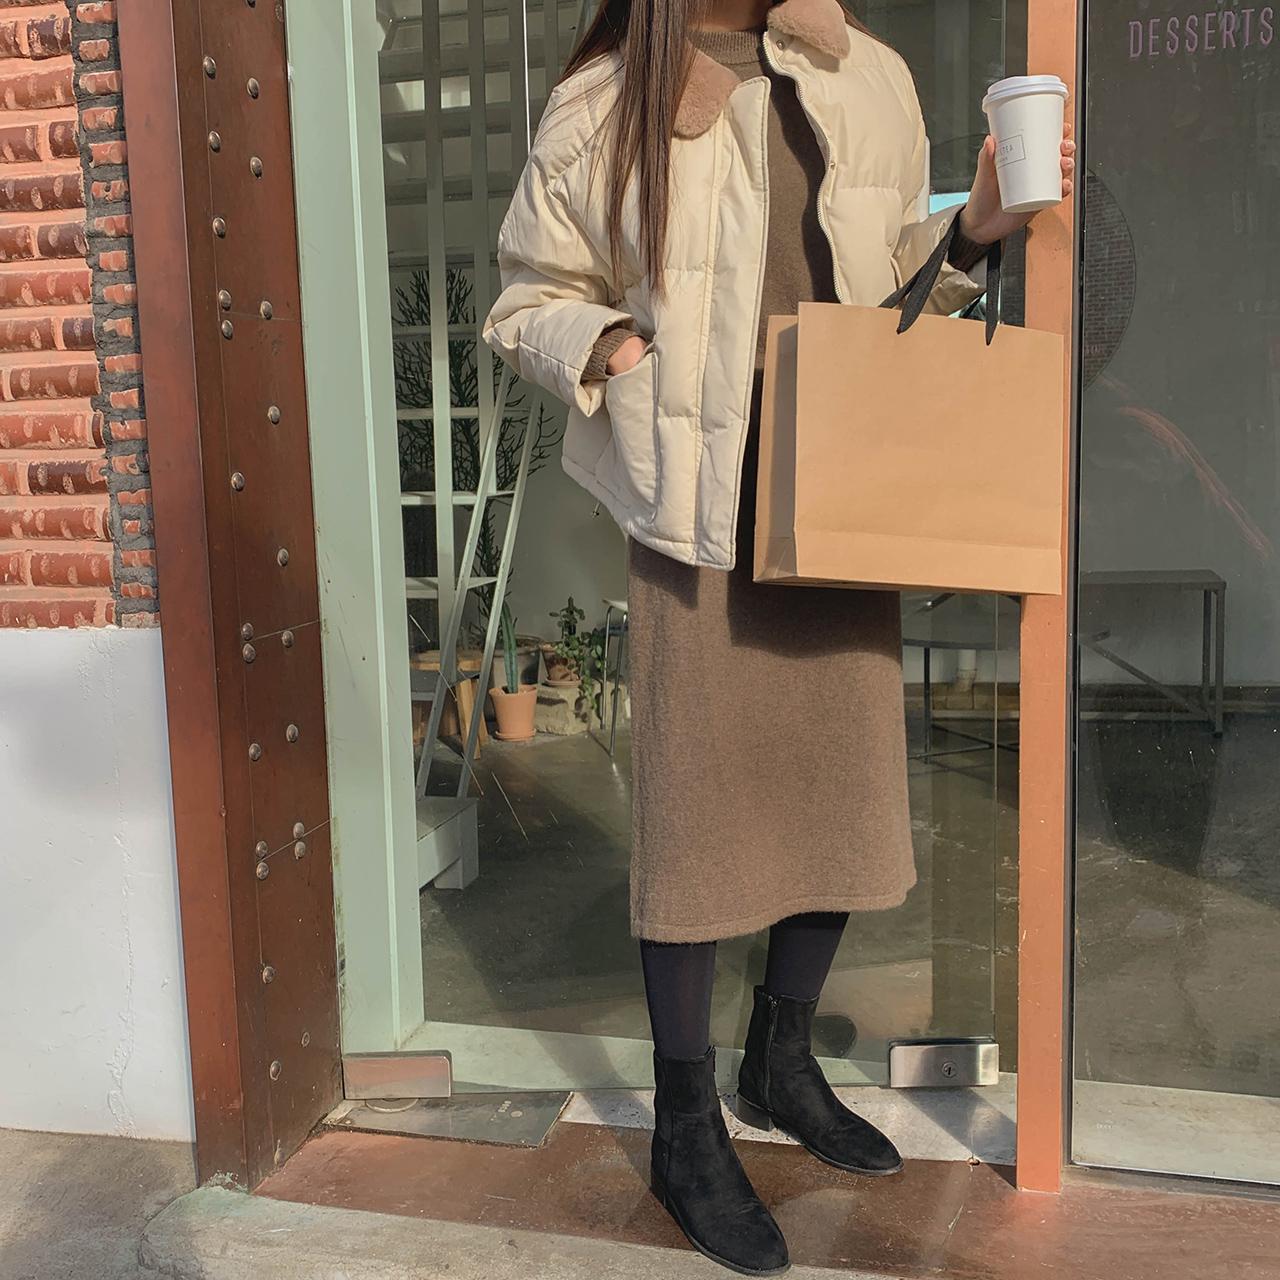 밍크 카라 패딩점퍼